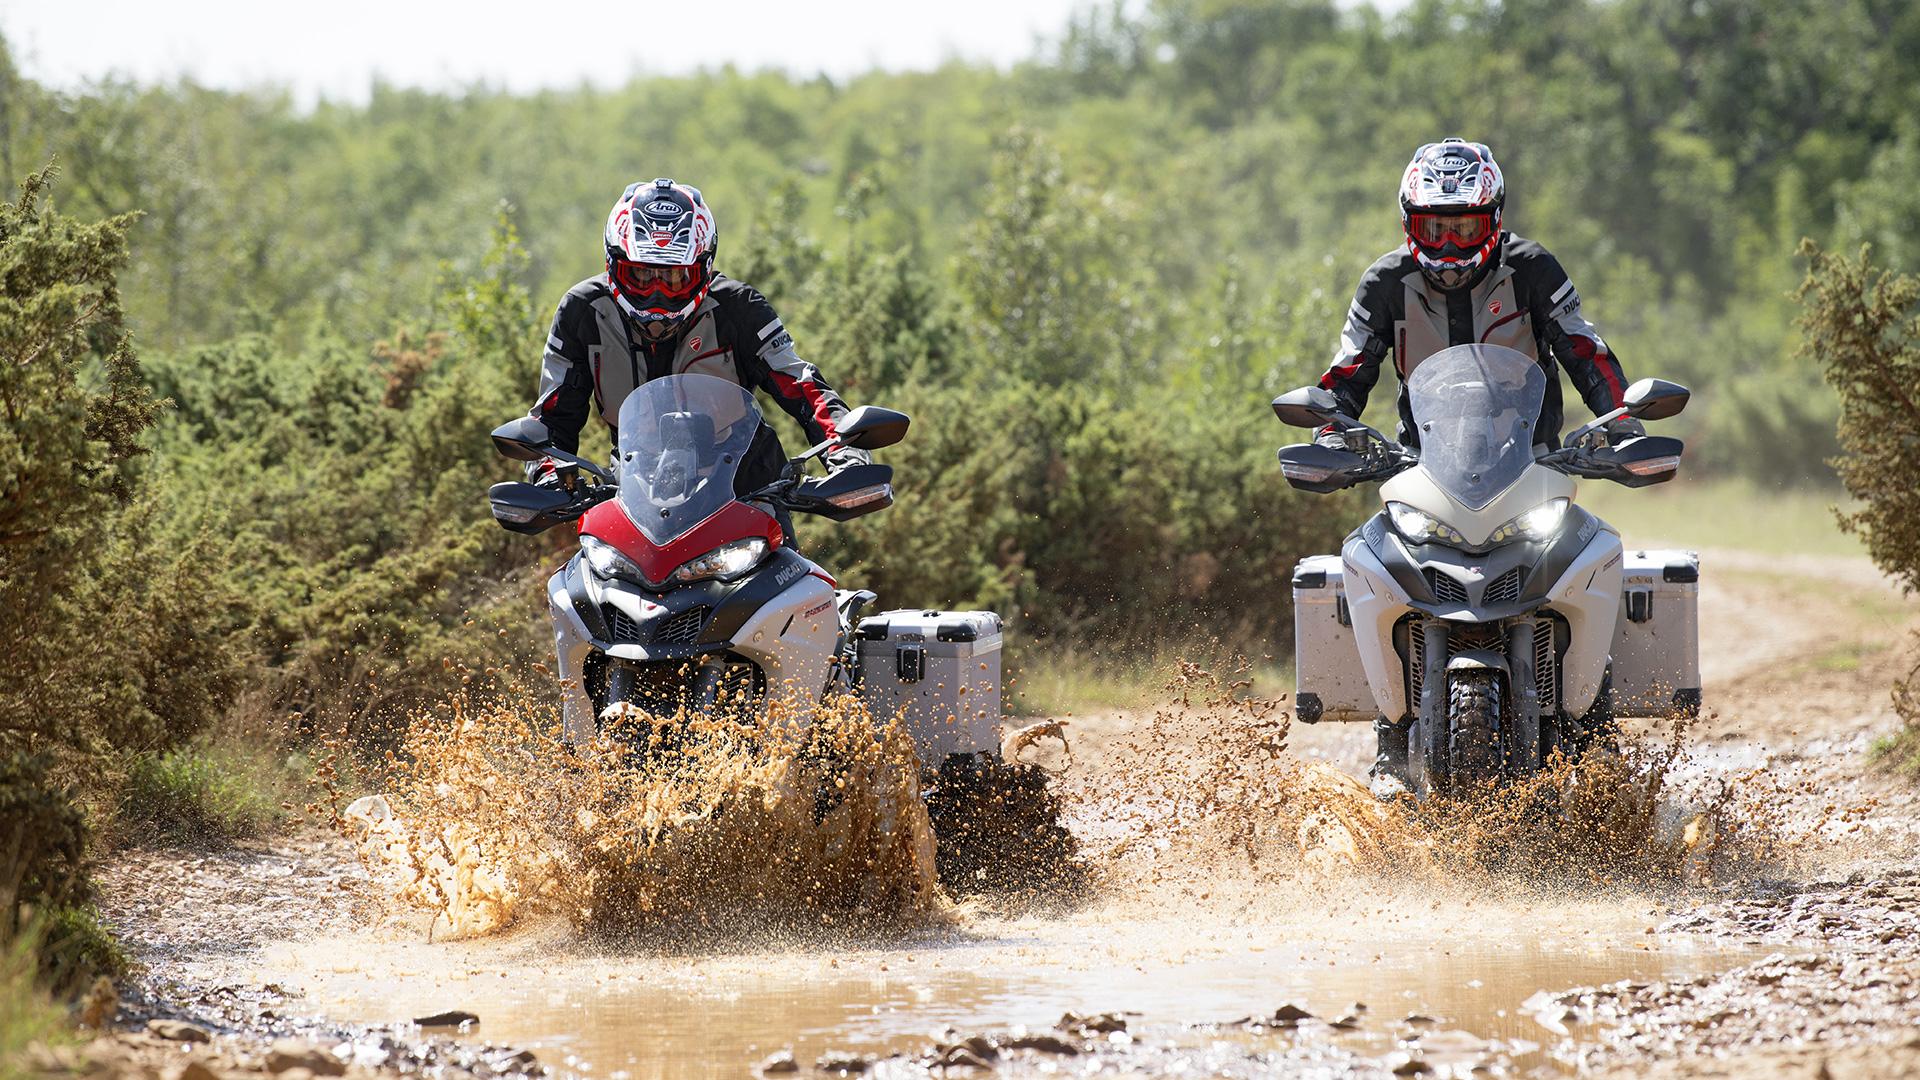 Ducati Multistrada 1200 Enduro cruzando el río